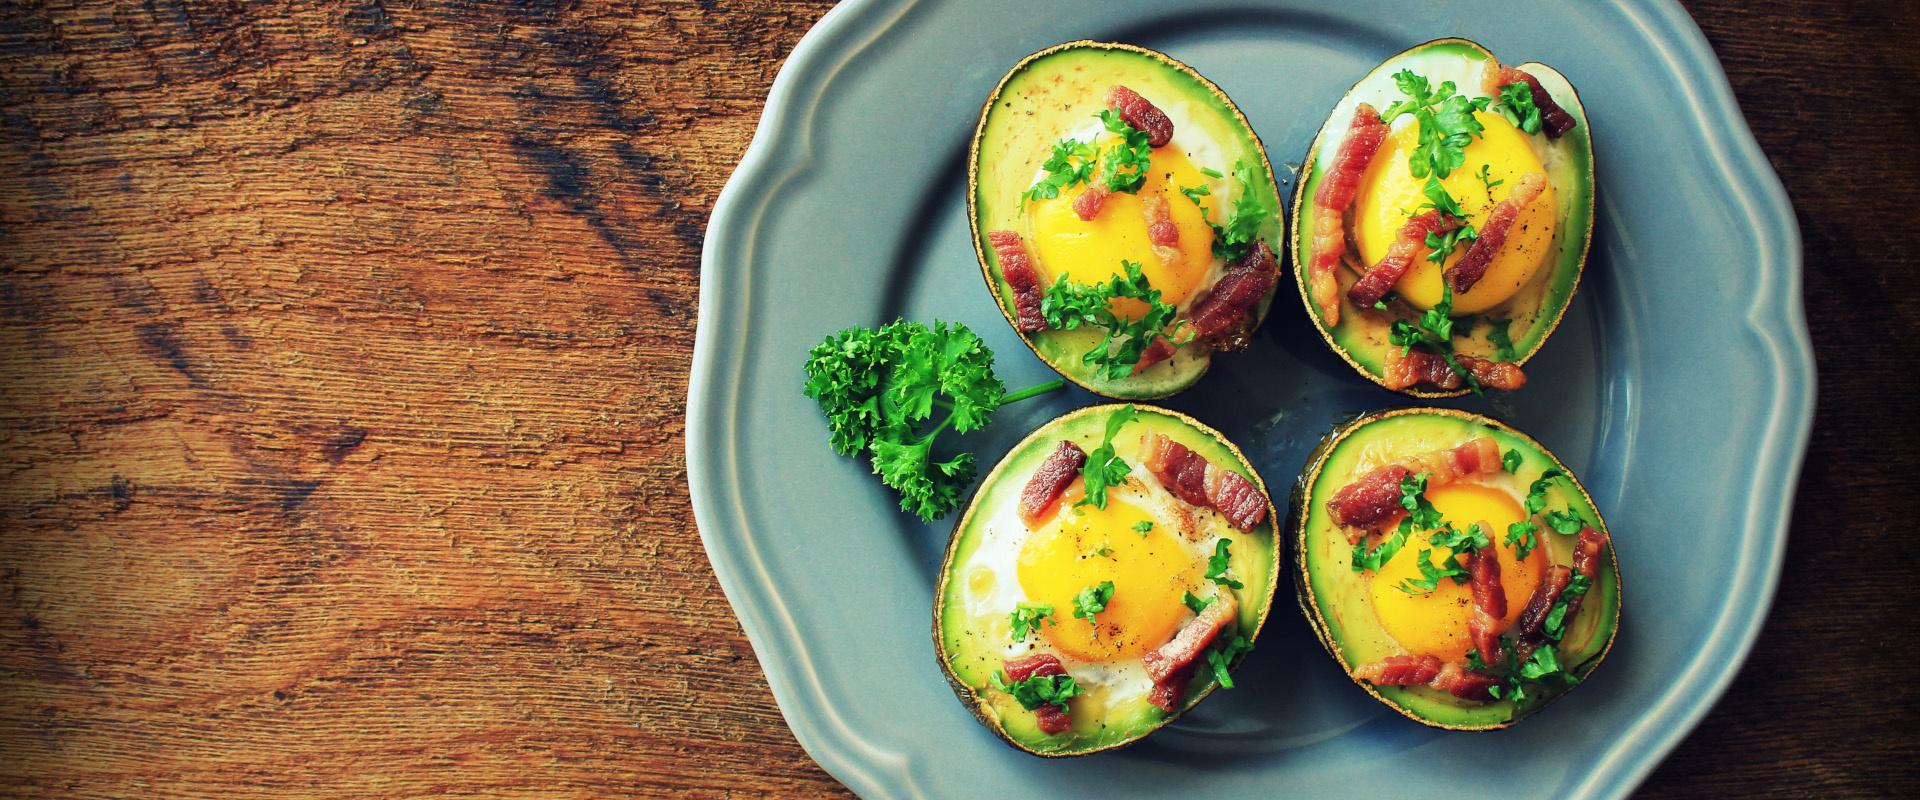 sütőben sült avokádó tojással cover